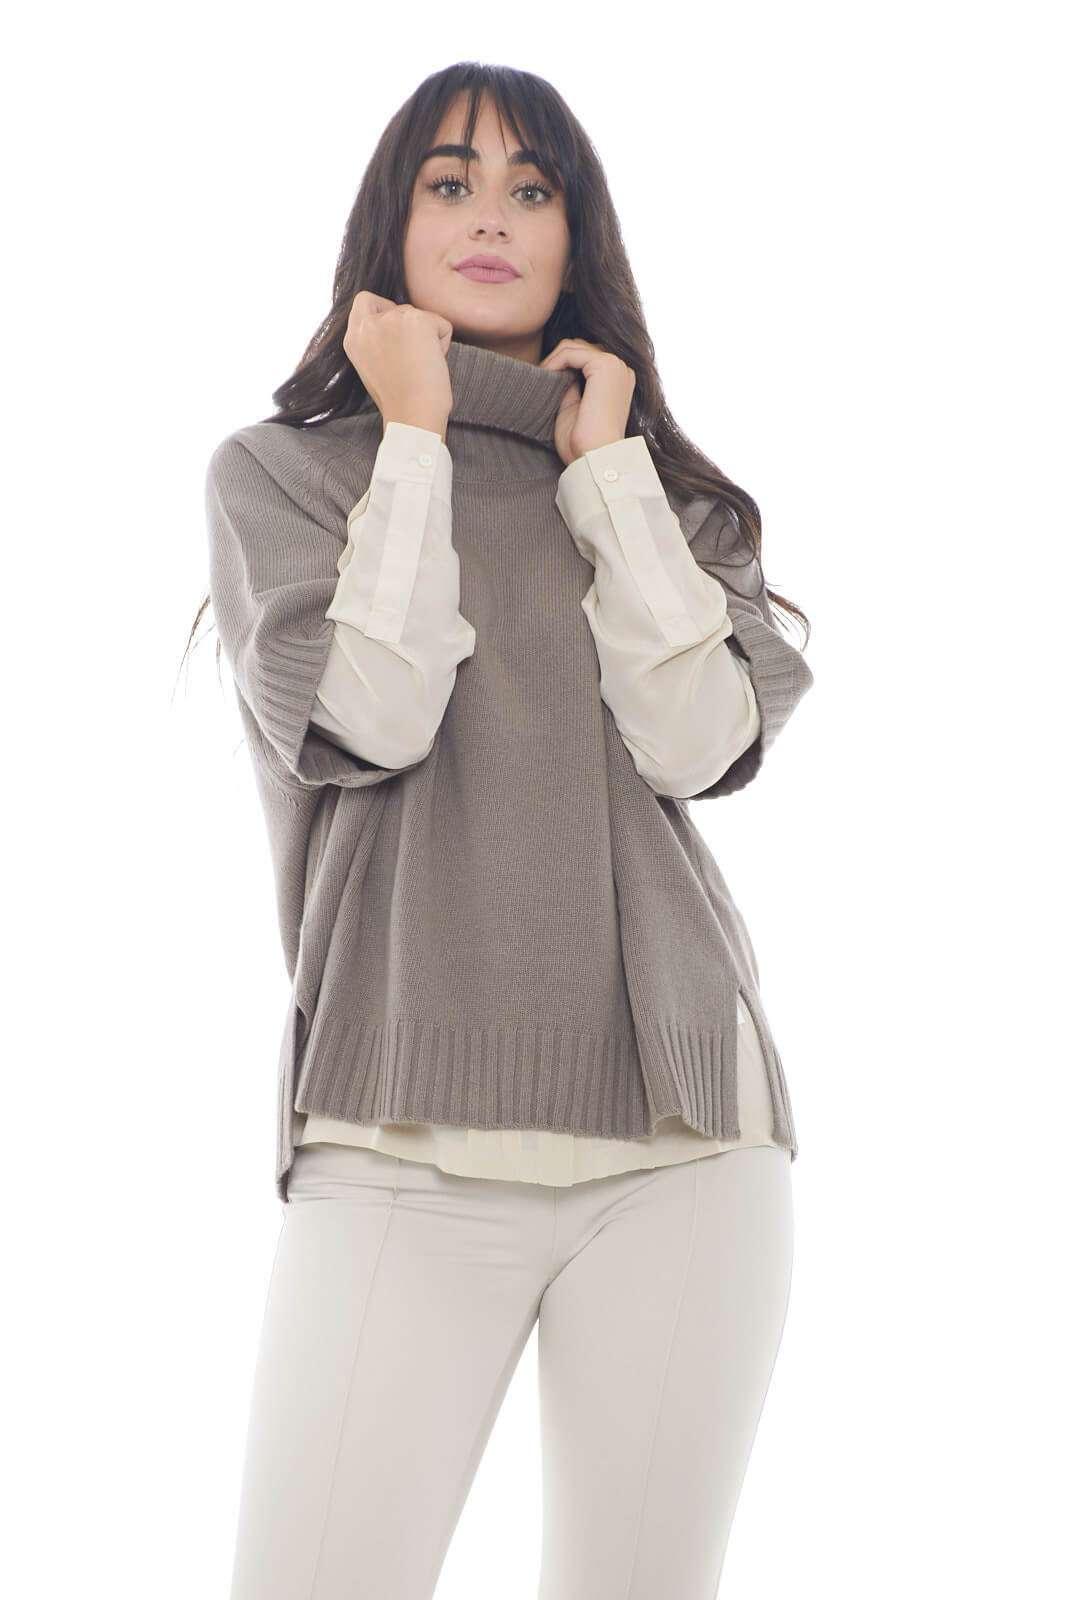 Una maglia in lana vergine con collo dolcevita per la nuova collezione donna Weekend Max Mara. Le maniche raglan tre quarti fanno da padrone su un capo semplice e versatile. L'apertura posteriore con bottoni la rende femminile e ricercata.